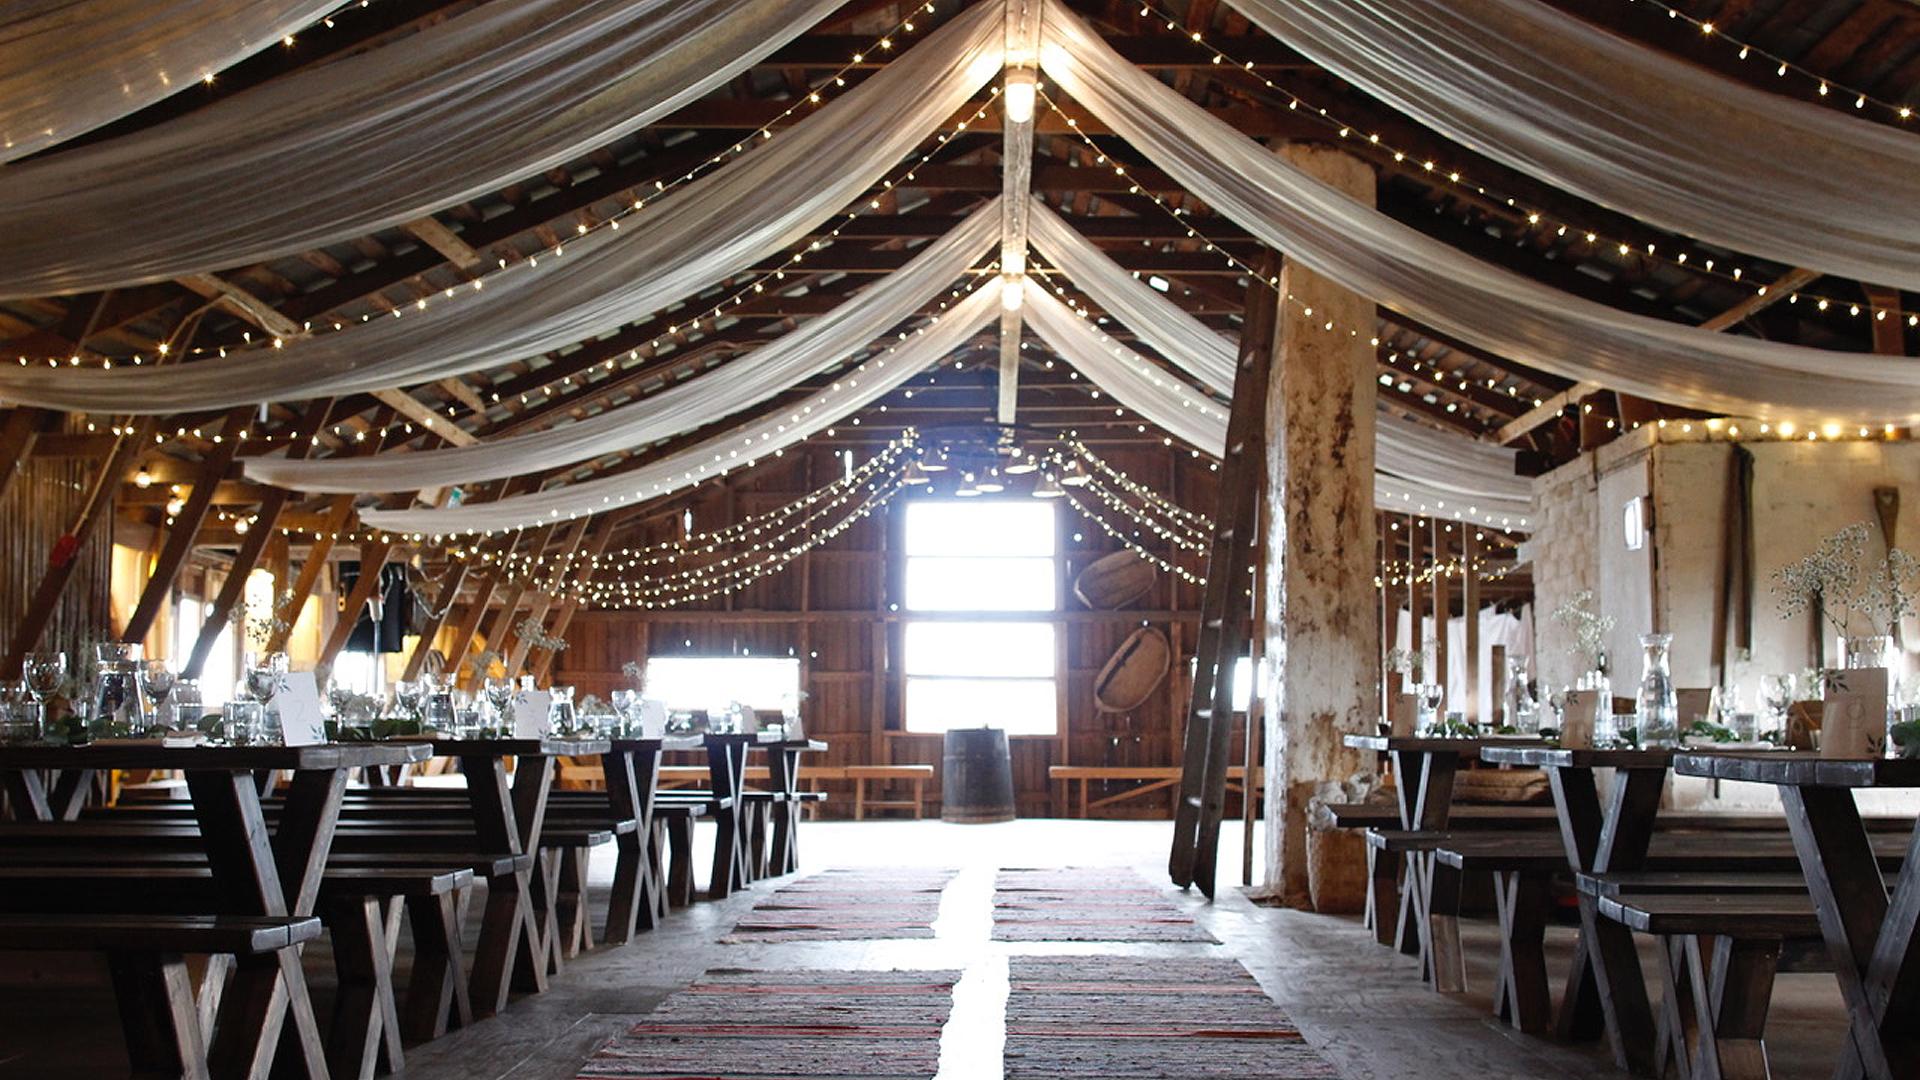 Jukkolan Navetanvintti on tyylikäs nimensä mukainen juhlapaikka, jossa pitkät pitopöydät on järjestelty valkoisten katosta roikkuvien kankaiden alapuolelle. päätyikkuvasta kajastaa auringonvalo joka valaisee tilaa pehmeästi.